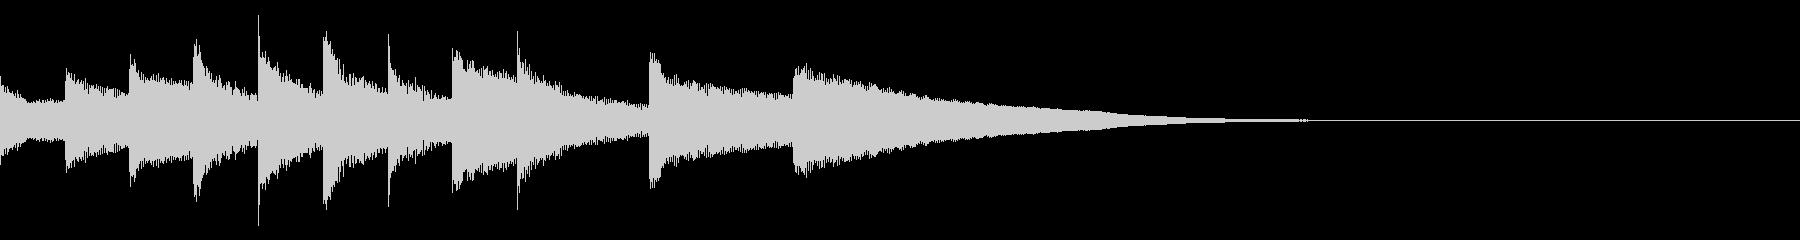 鉄琴の可愛くて楽しいジングルの未再生の波形